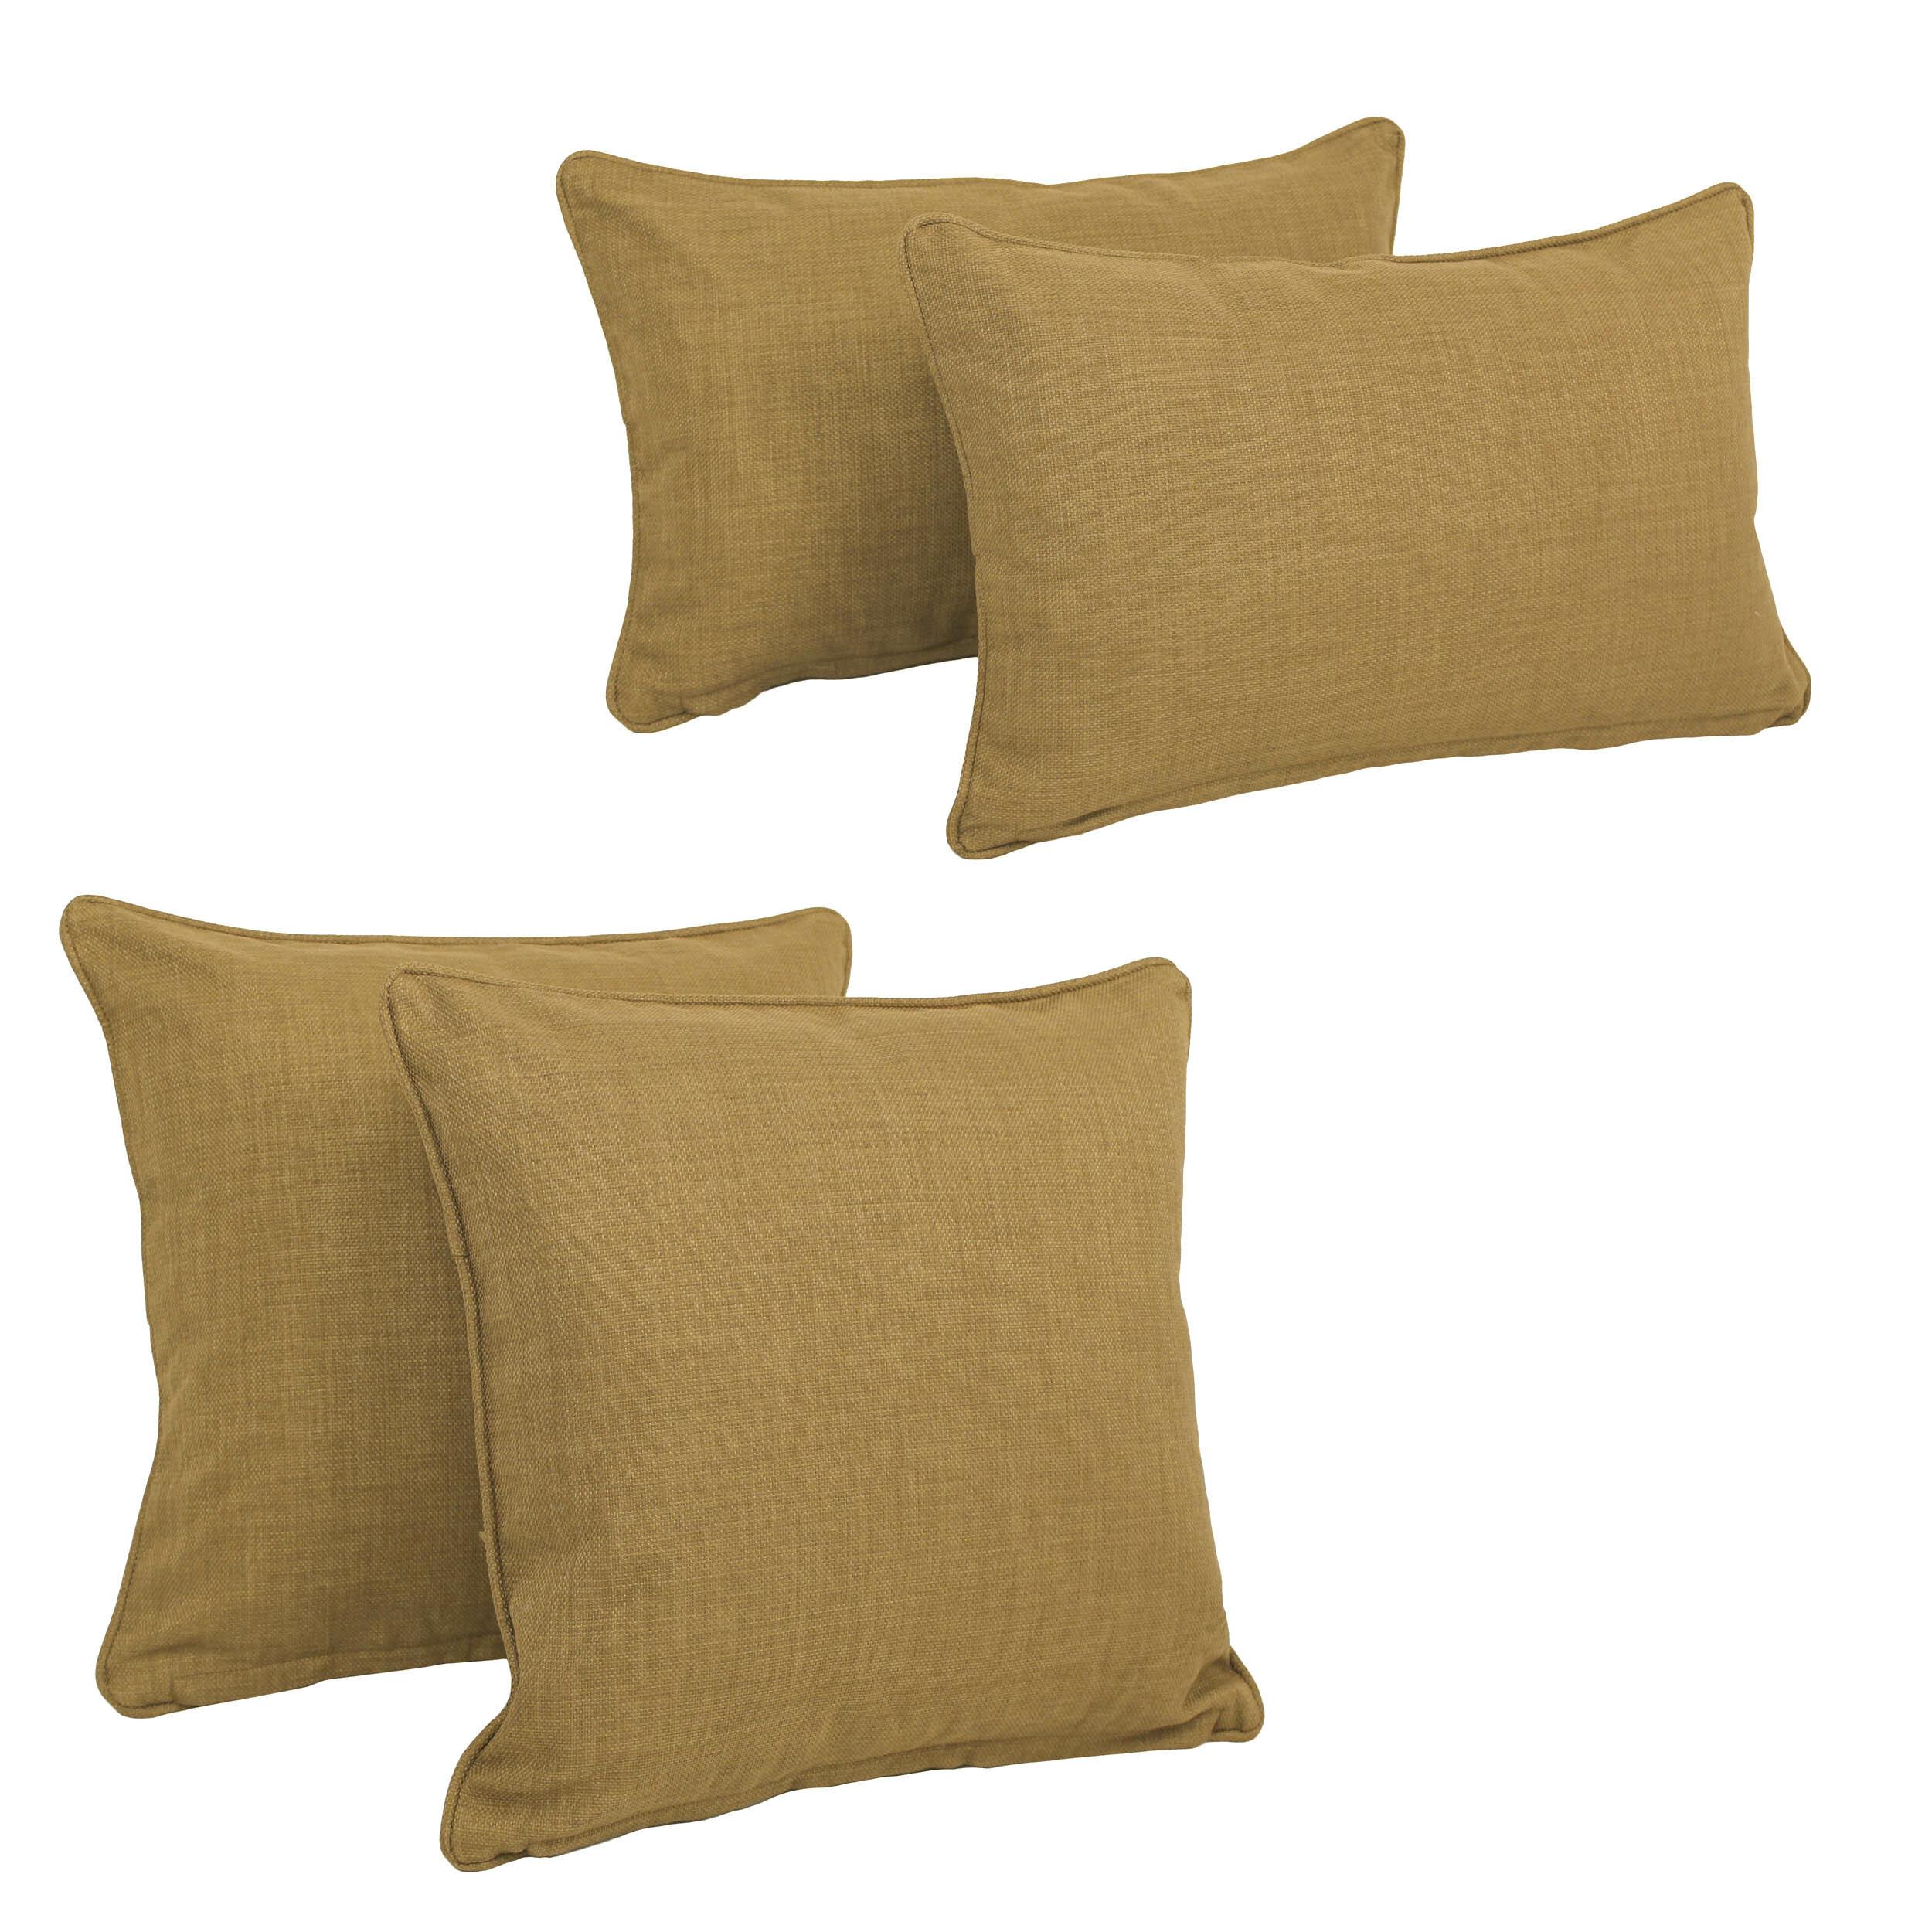 Zipcode Design Juliet 4 Piece Outdoor Throw Pillows Set Reviews